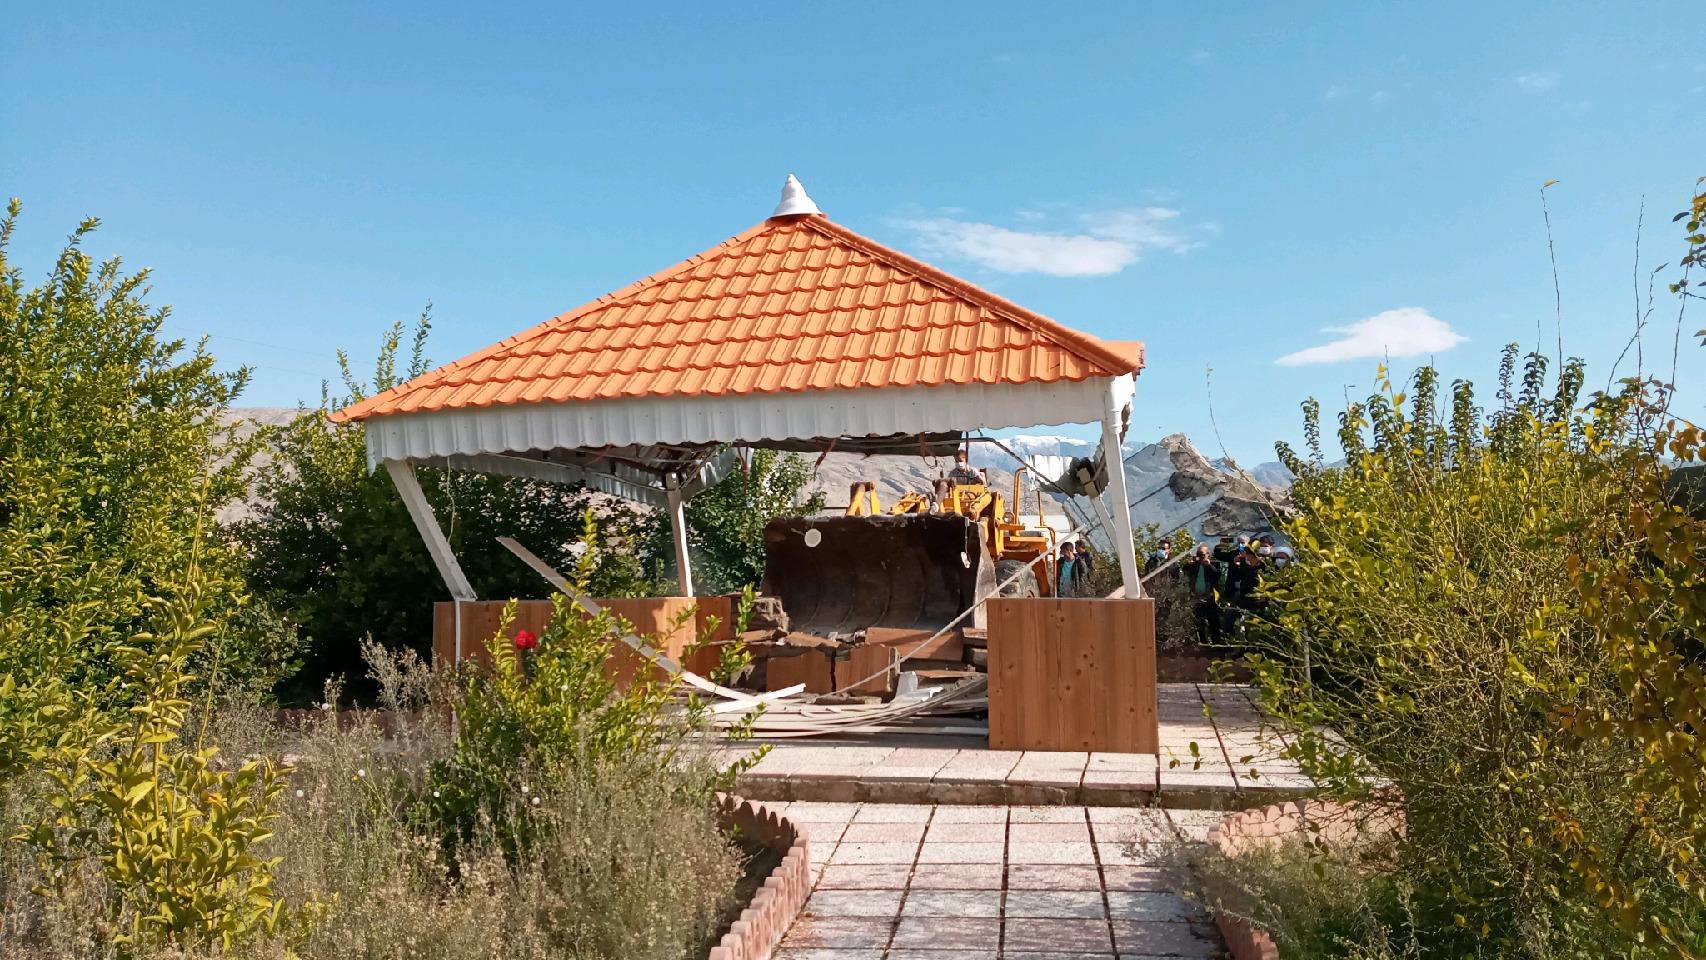 تخریب ساخت و سازهای غیر مجاز در اراضی کشاورزی گچساران